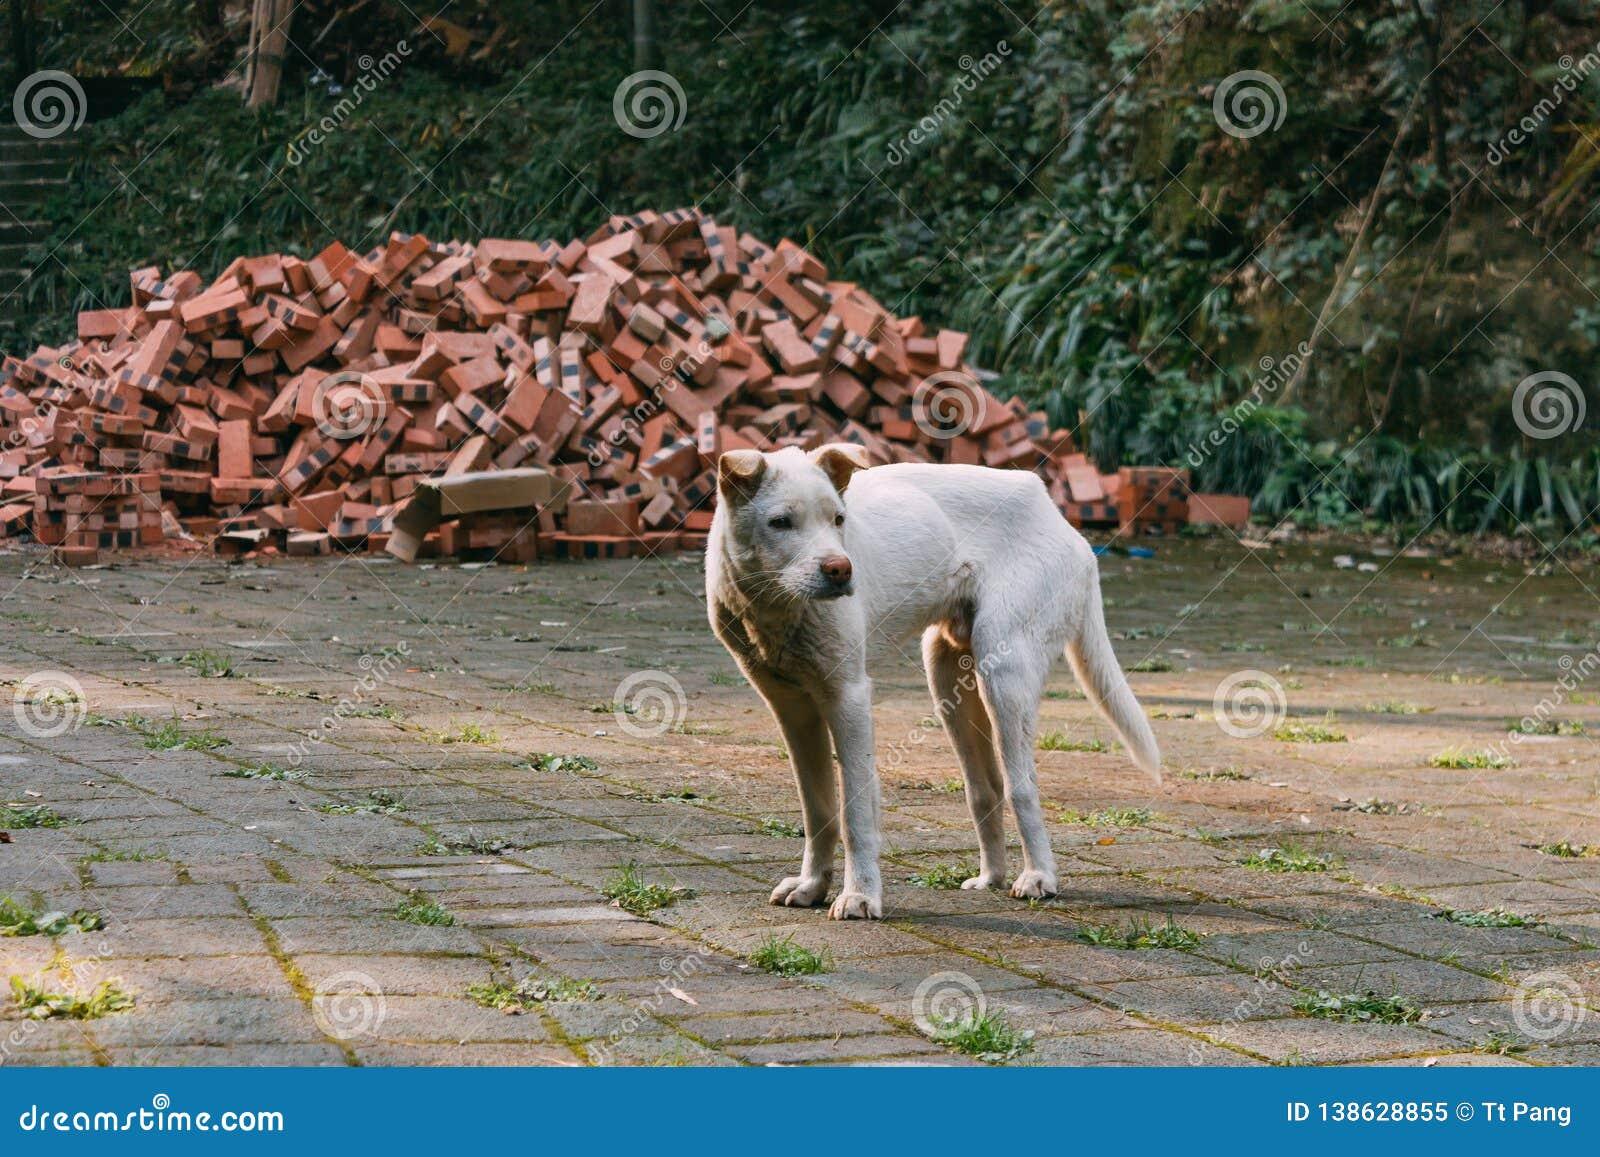 Posição branca triste do cão disperso em uma estrada na frente dos tijolos e da floresta